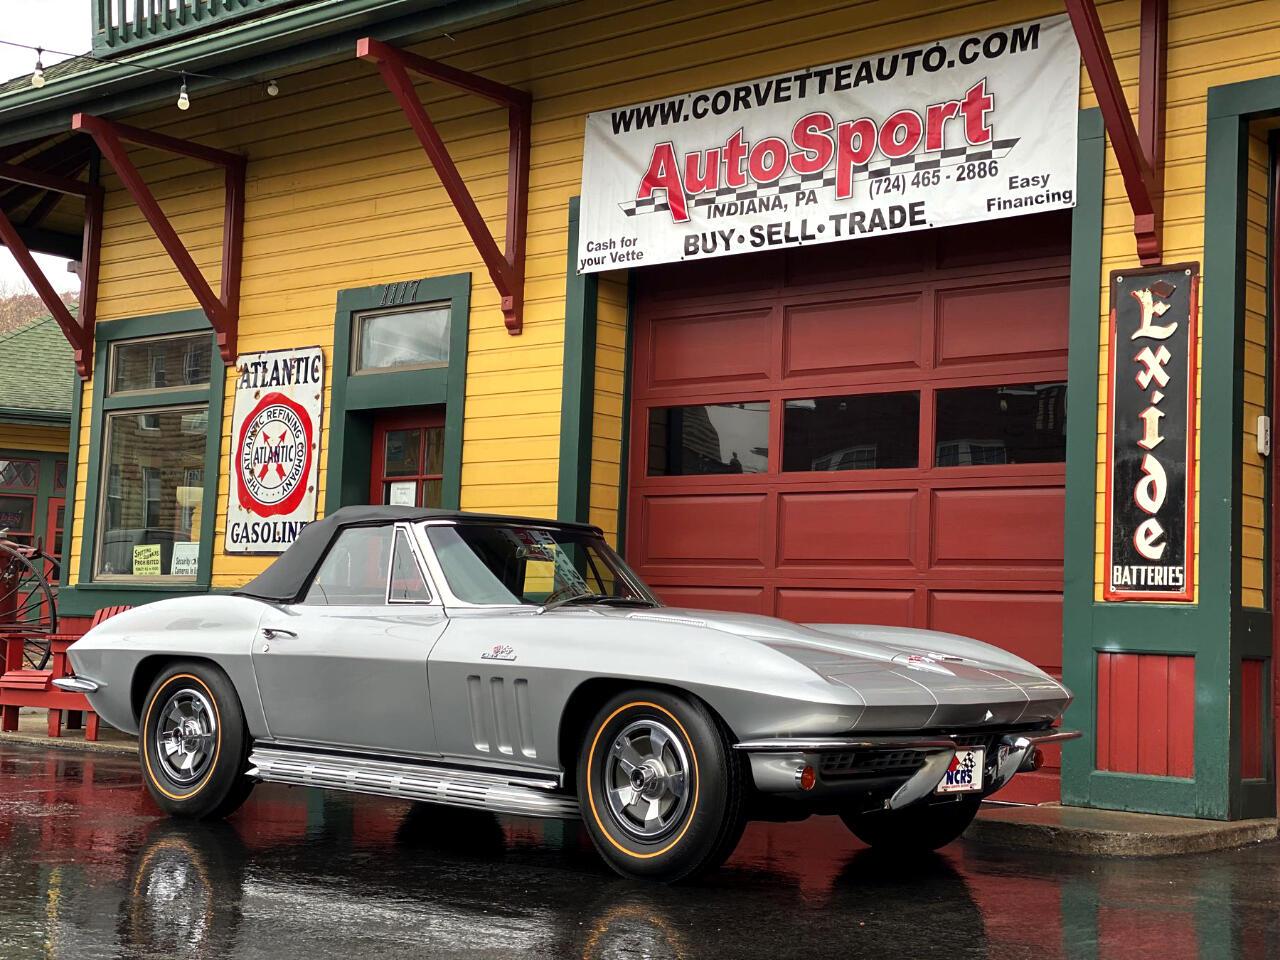 1966 Chevrolet Corvette Silver Pearl 427/425hp Fame Off Restoration Conv.